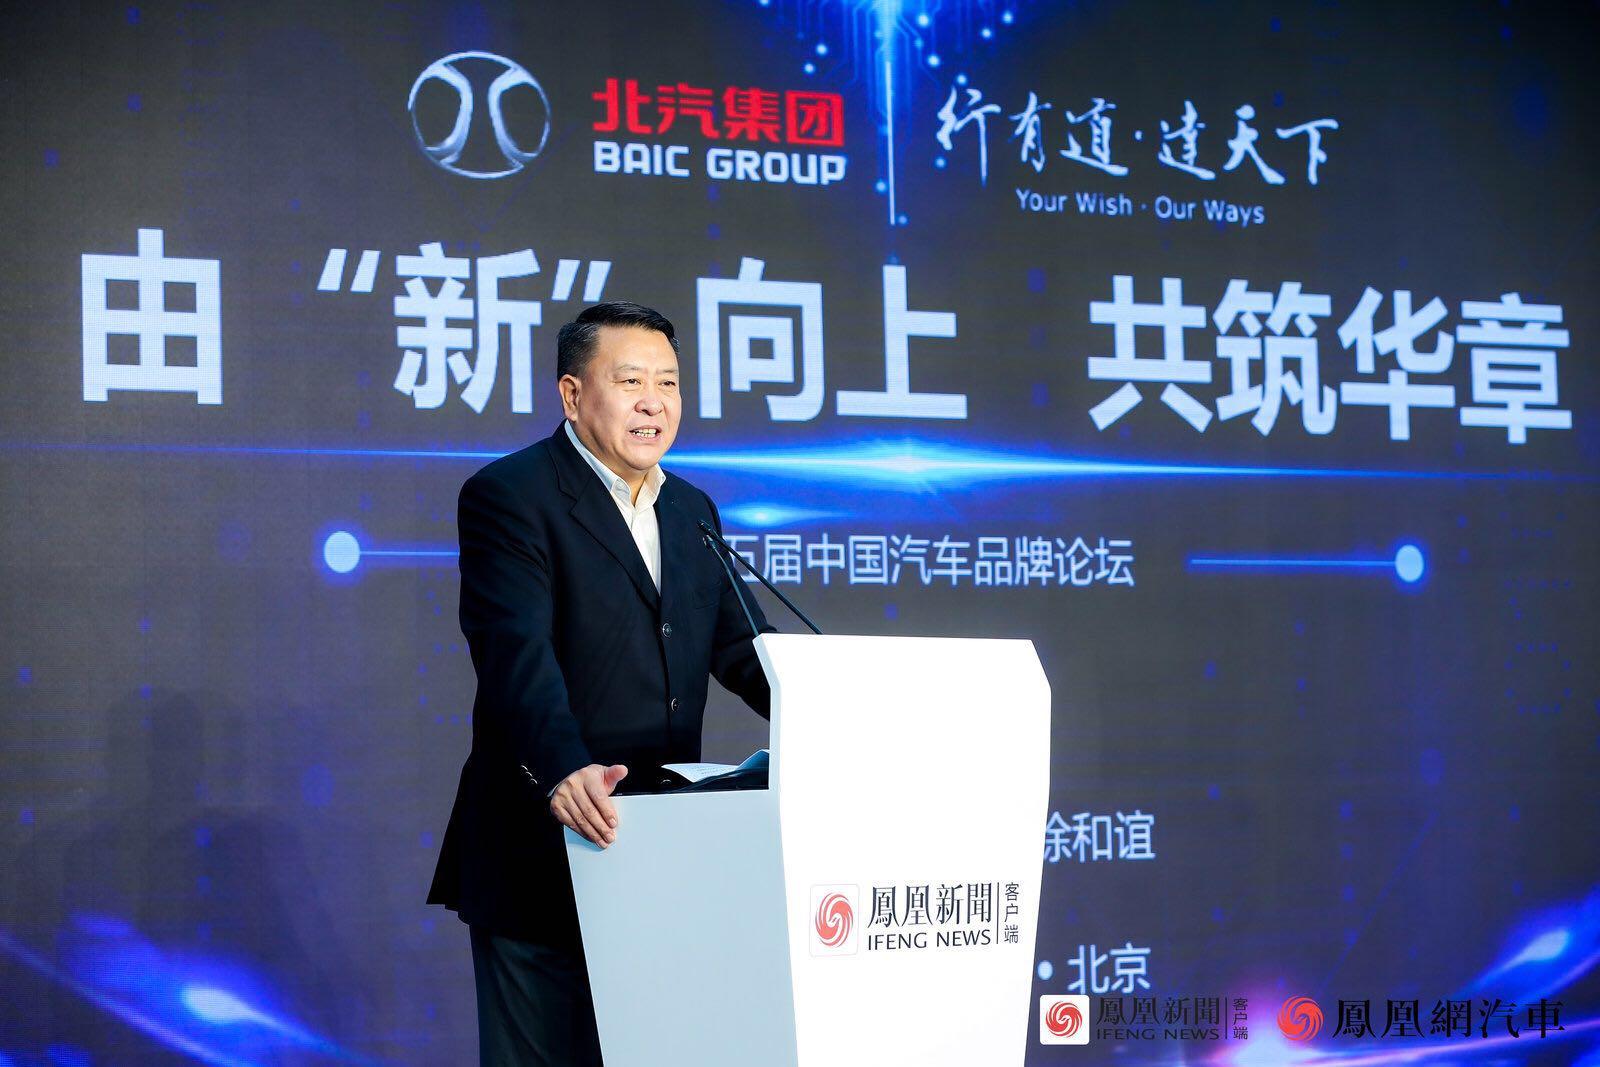 徐和谊:新能源汽车是把握机遇、品牌向上的优选轨道